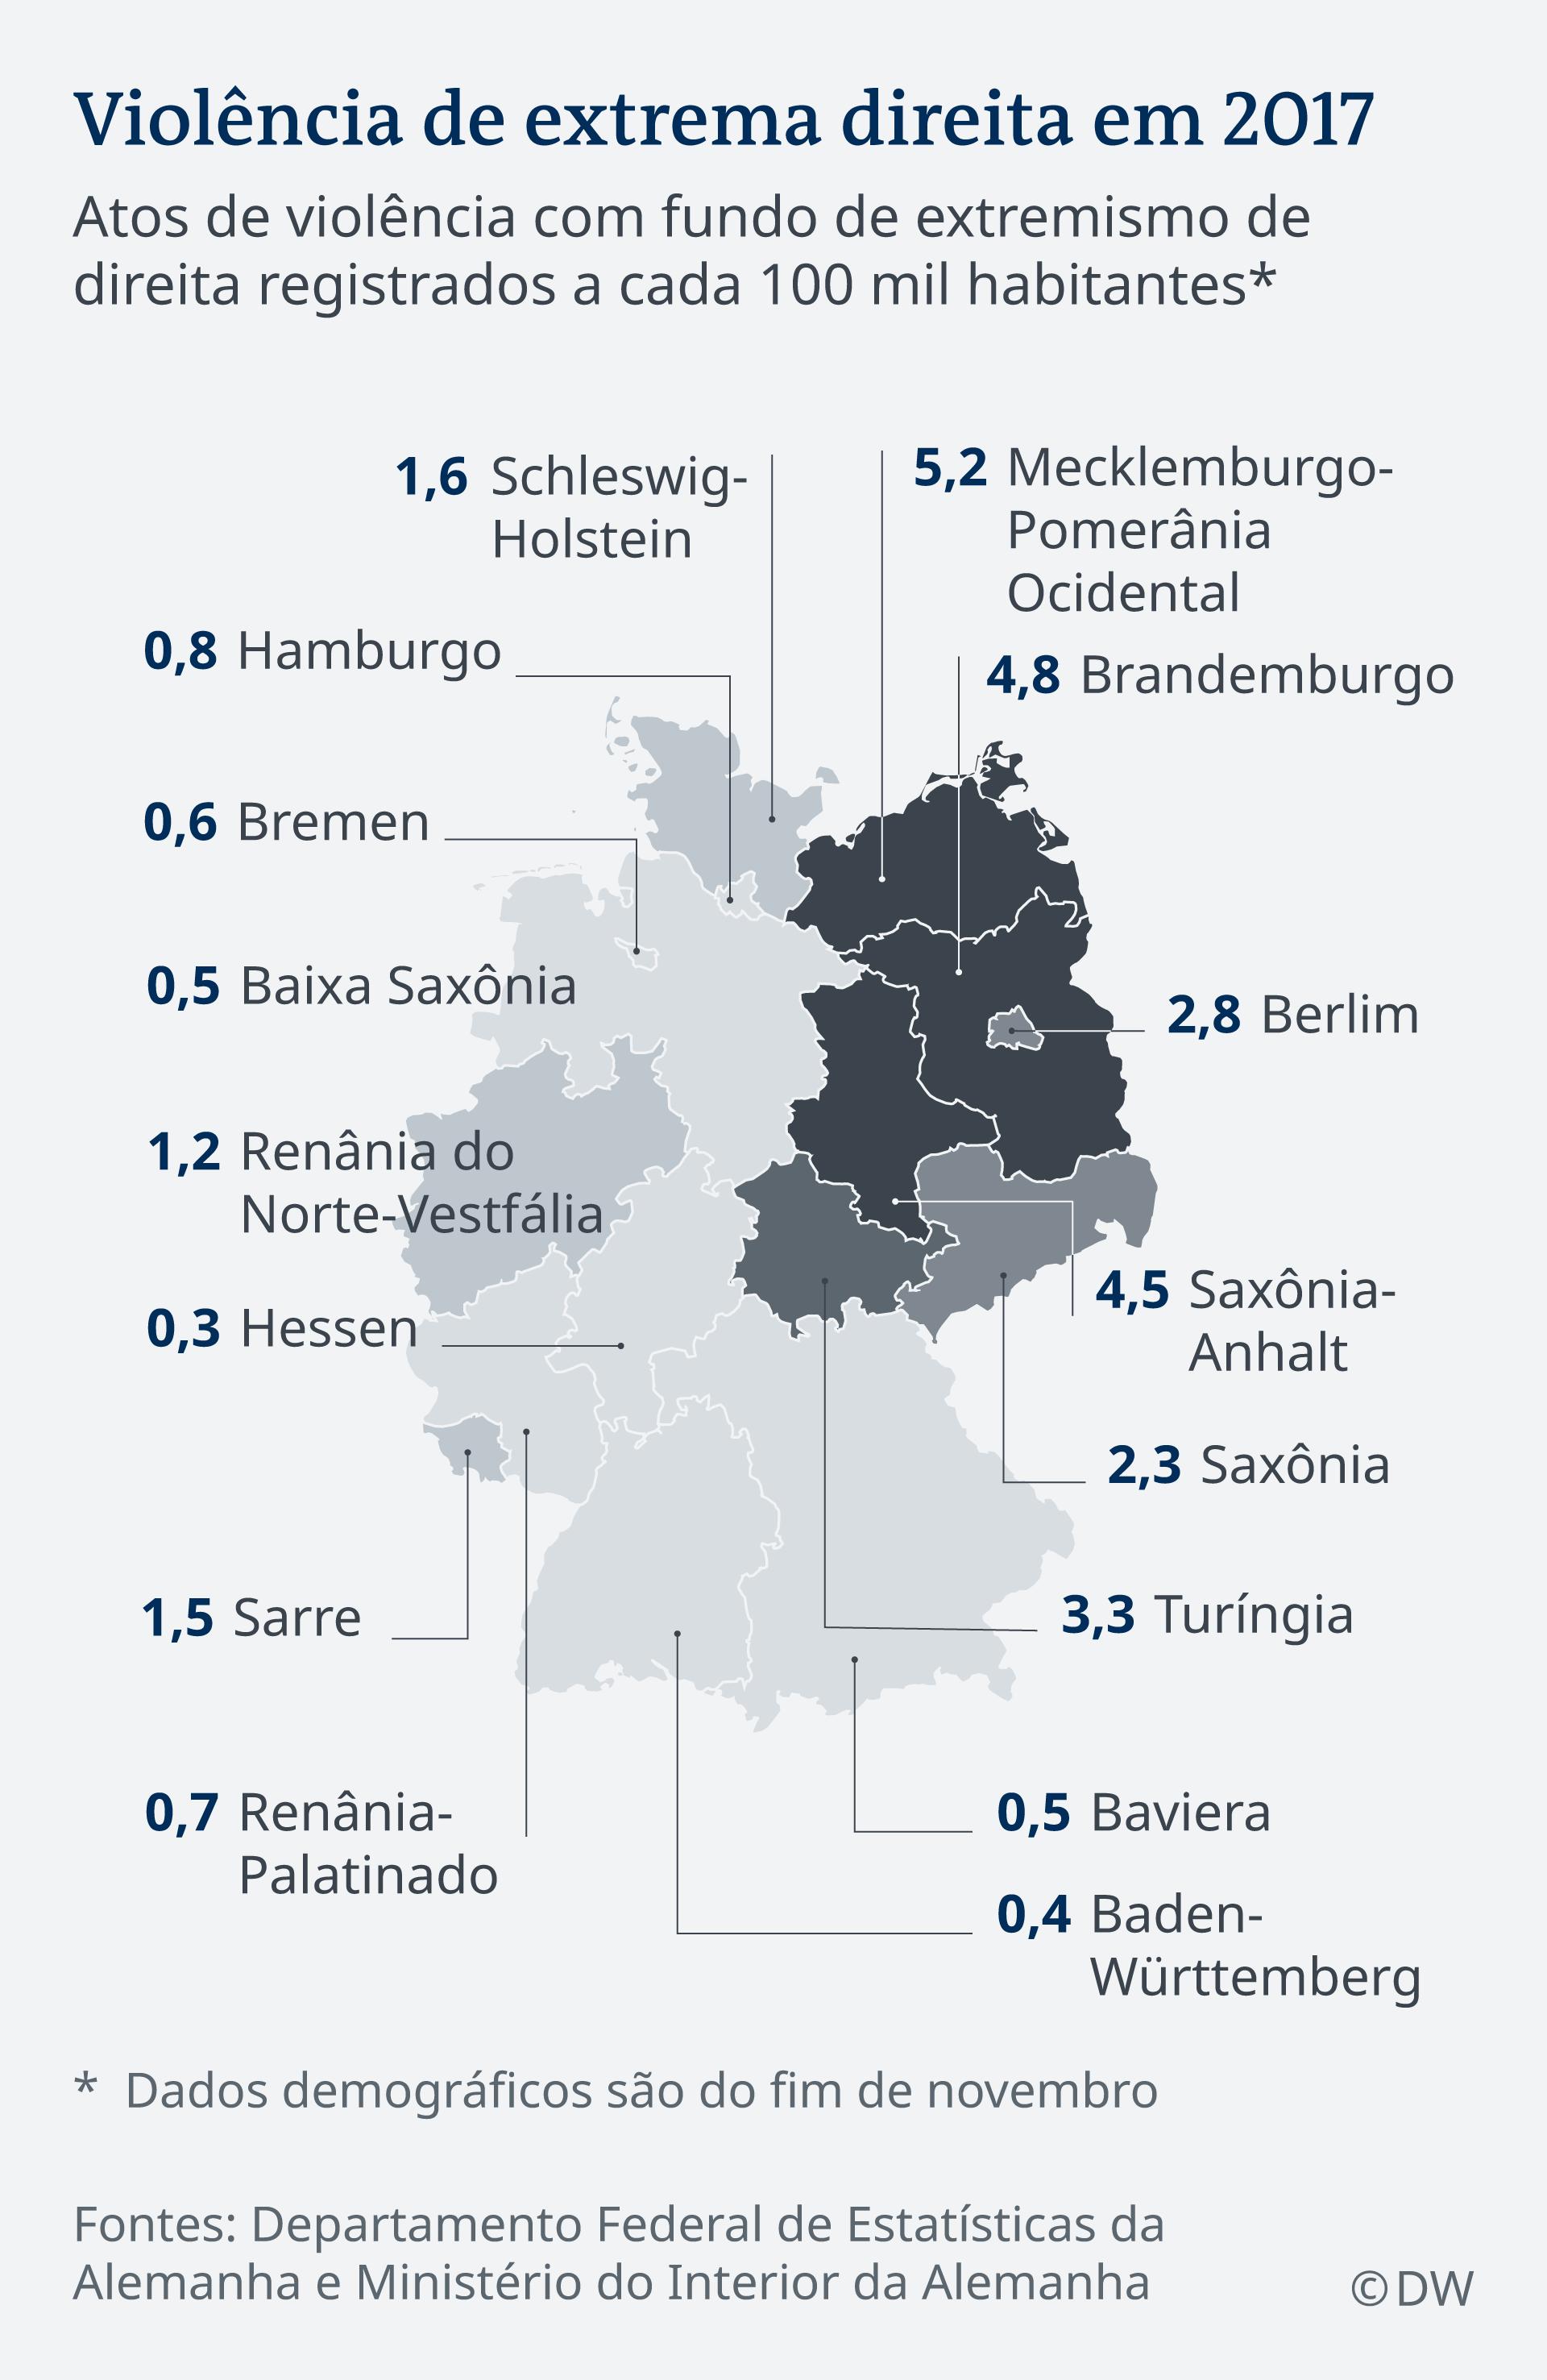 Gráfico de ataques violentos ligados à extrema direita na Alemanha